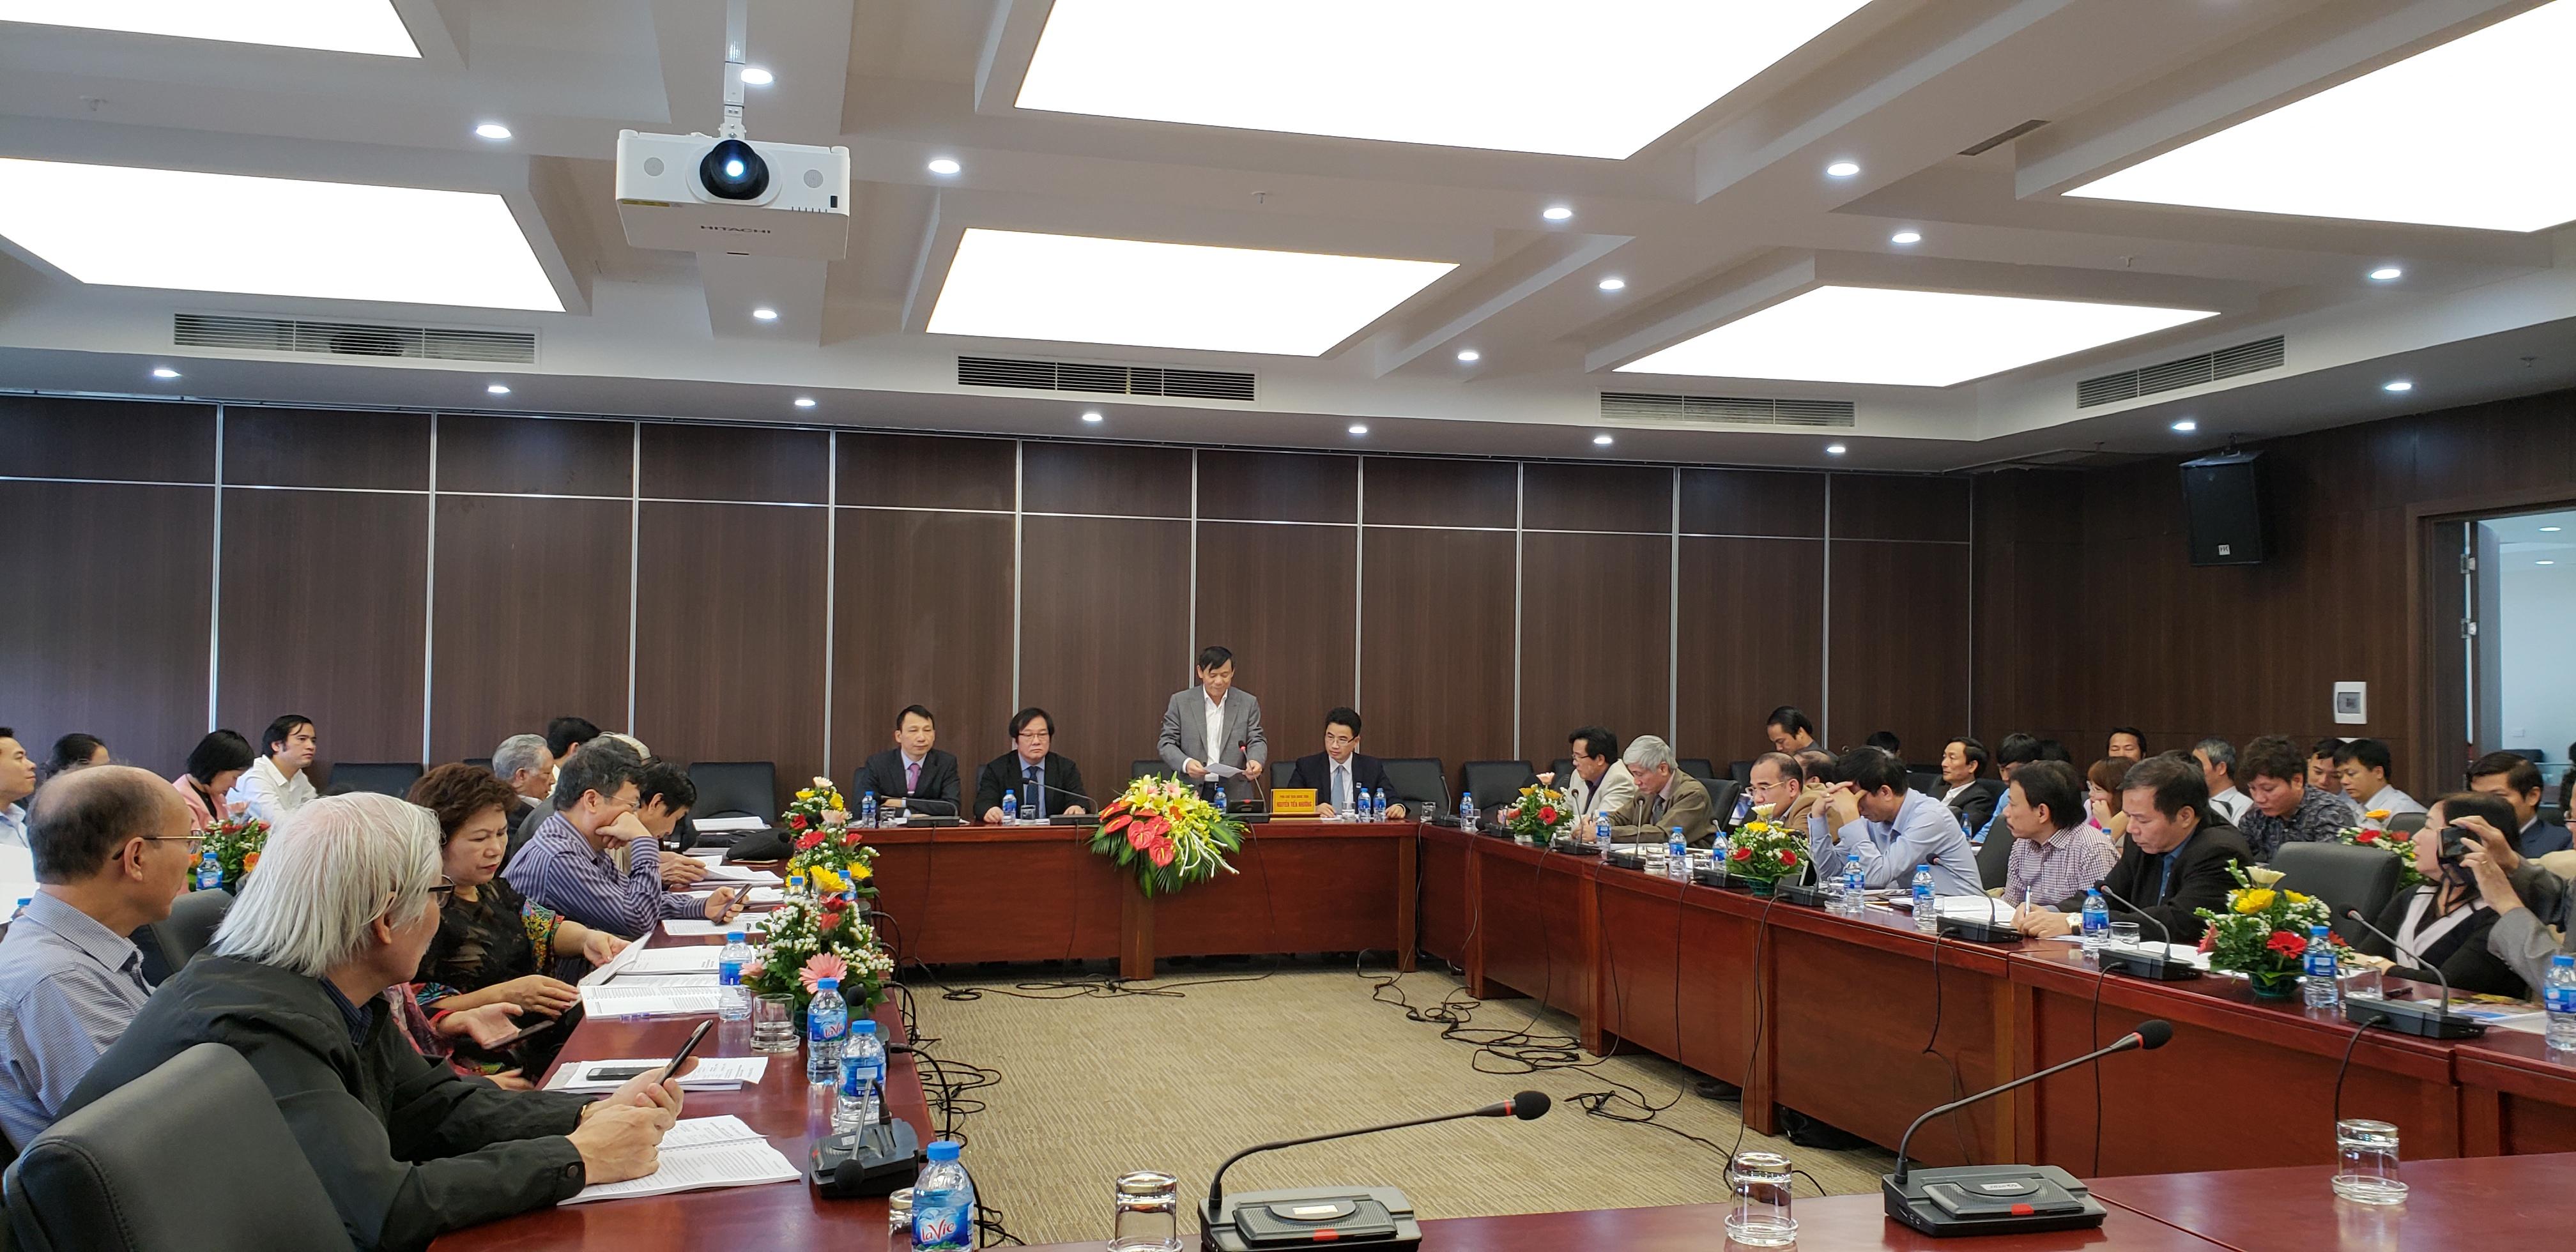 Ông Nguyễn Tiến Nhường - Phó Chủ tịch UBND tỉnh Bắc Ninh